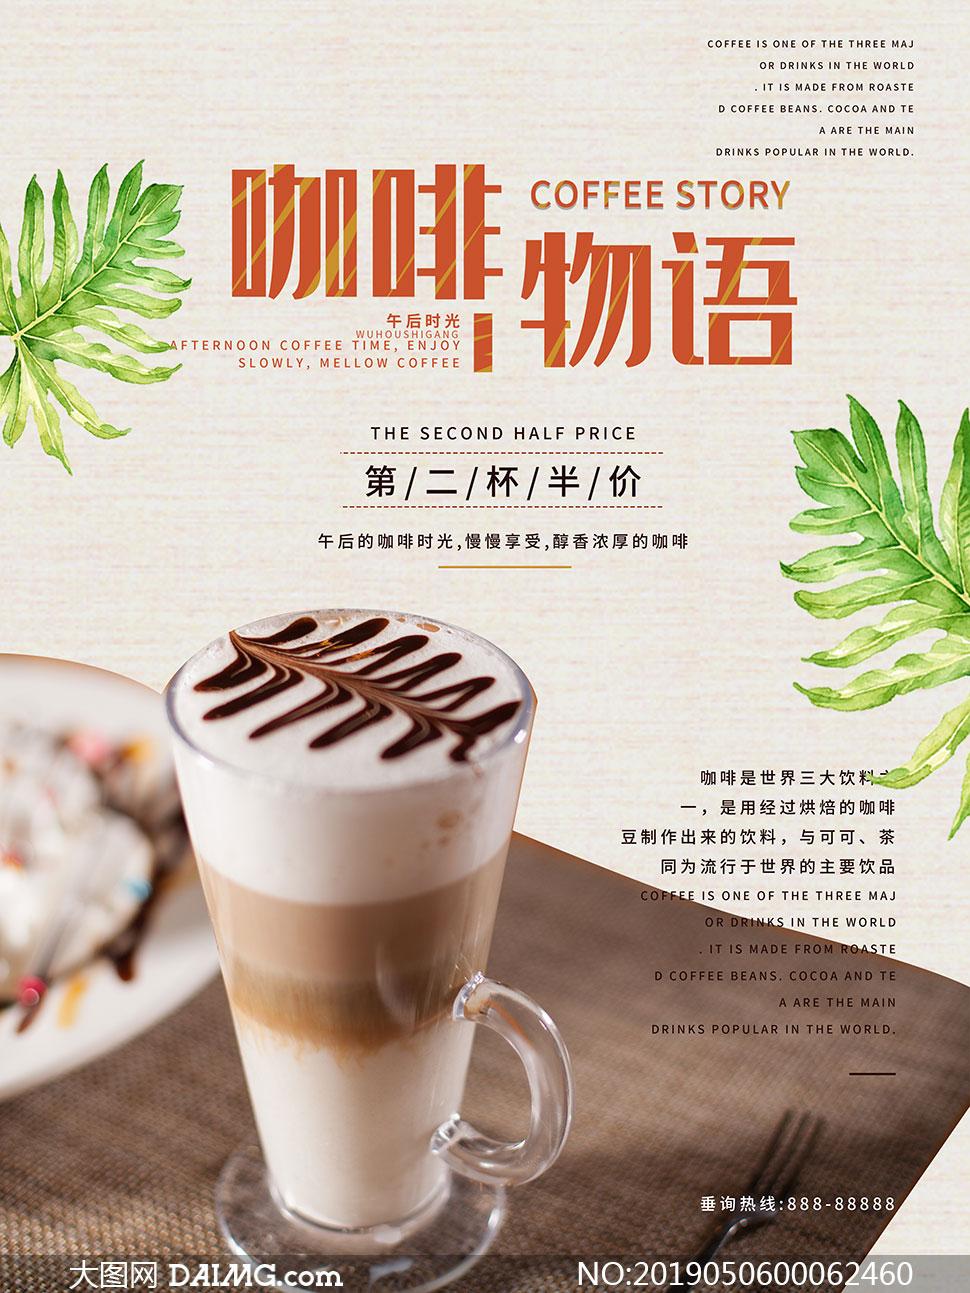 淘宝充值网店宣传�_咖啡物语饮品店宣传海报PSD素材_大图网图片素材